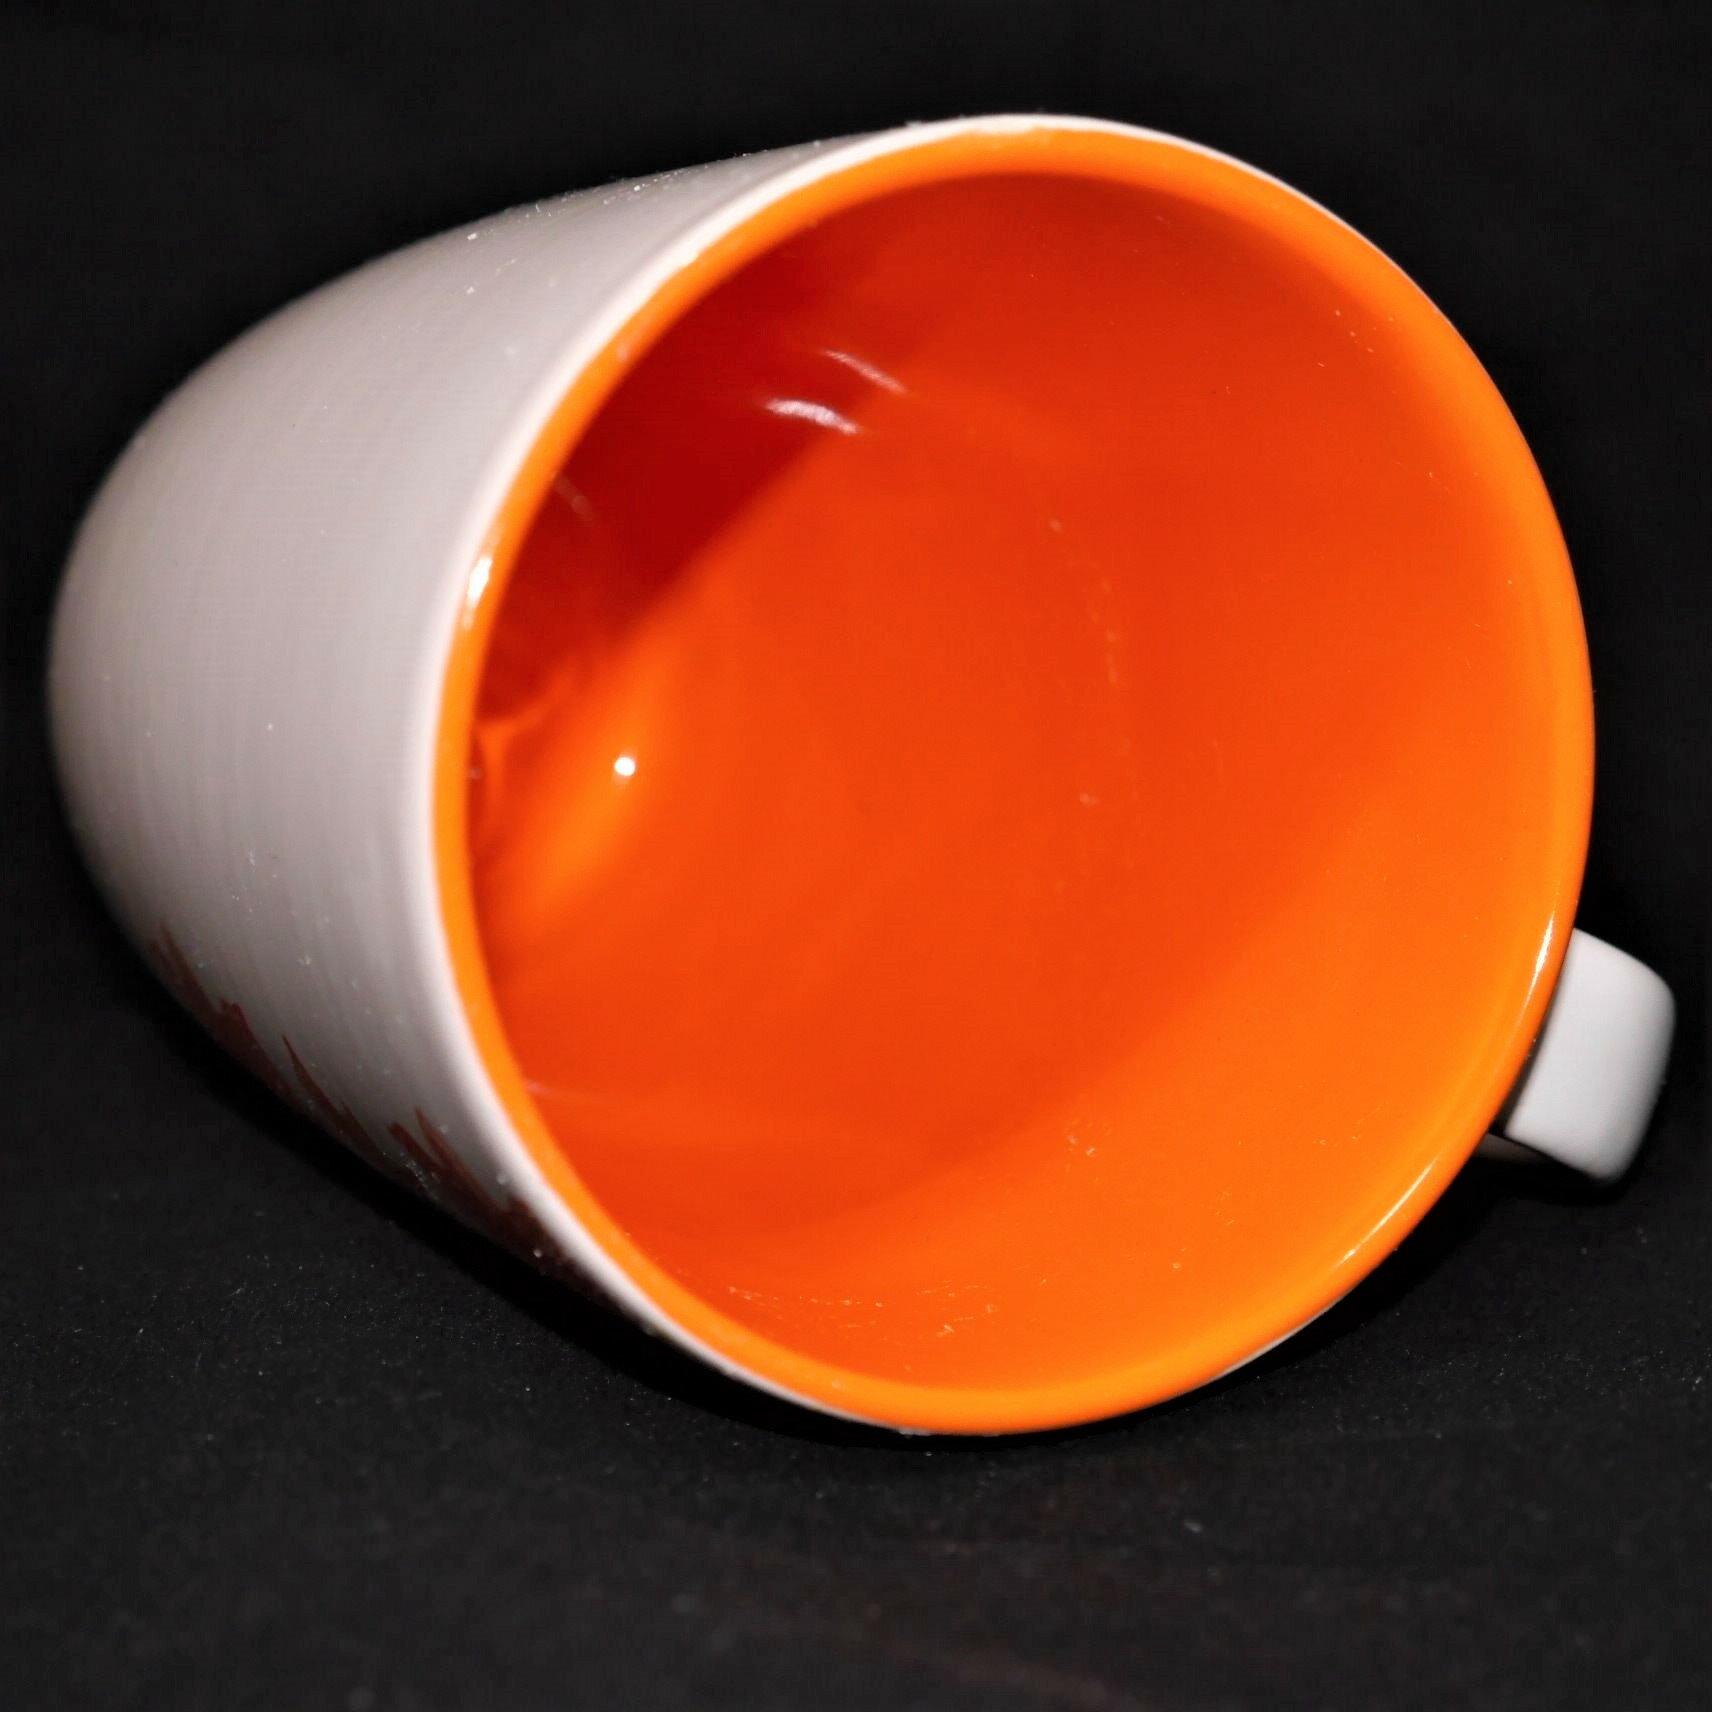 馬克杯橘色花草紋500ml【曉風】 3